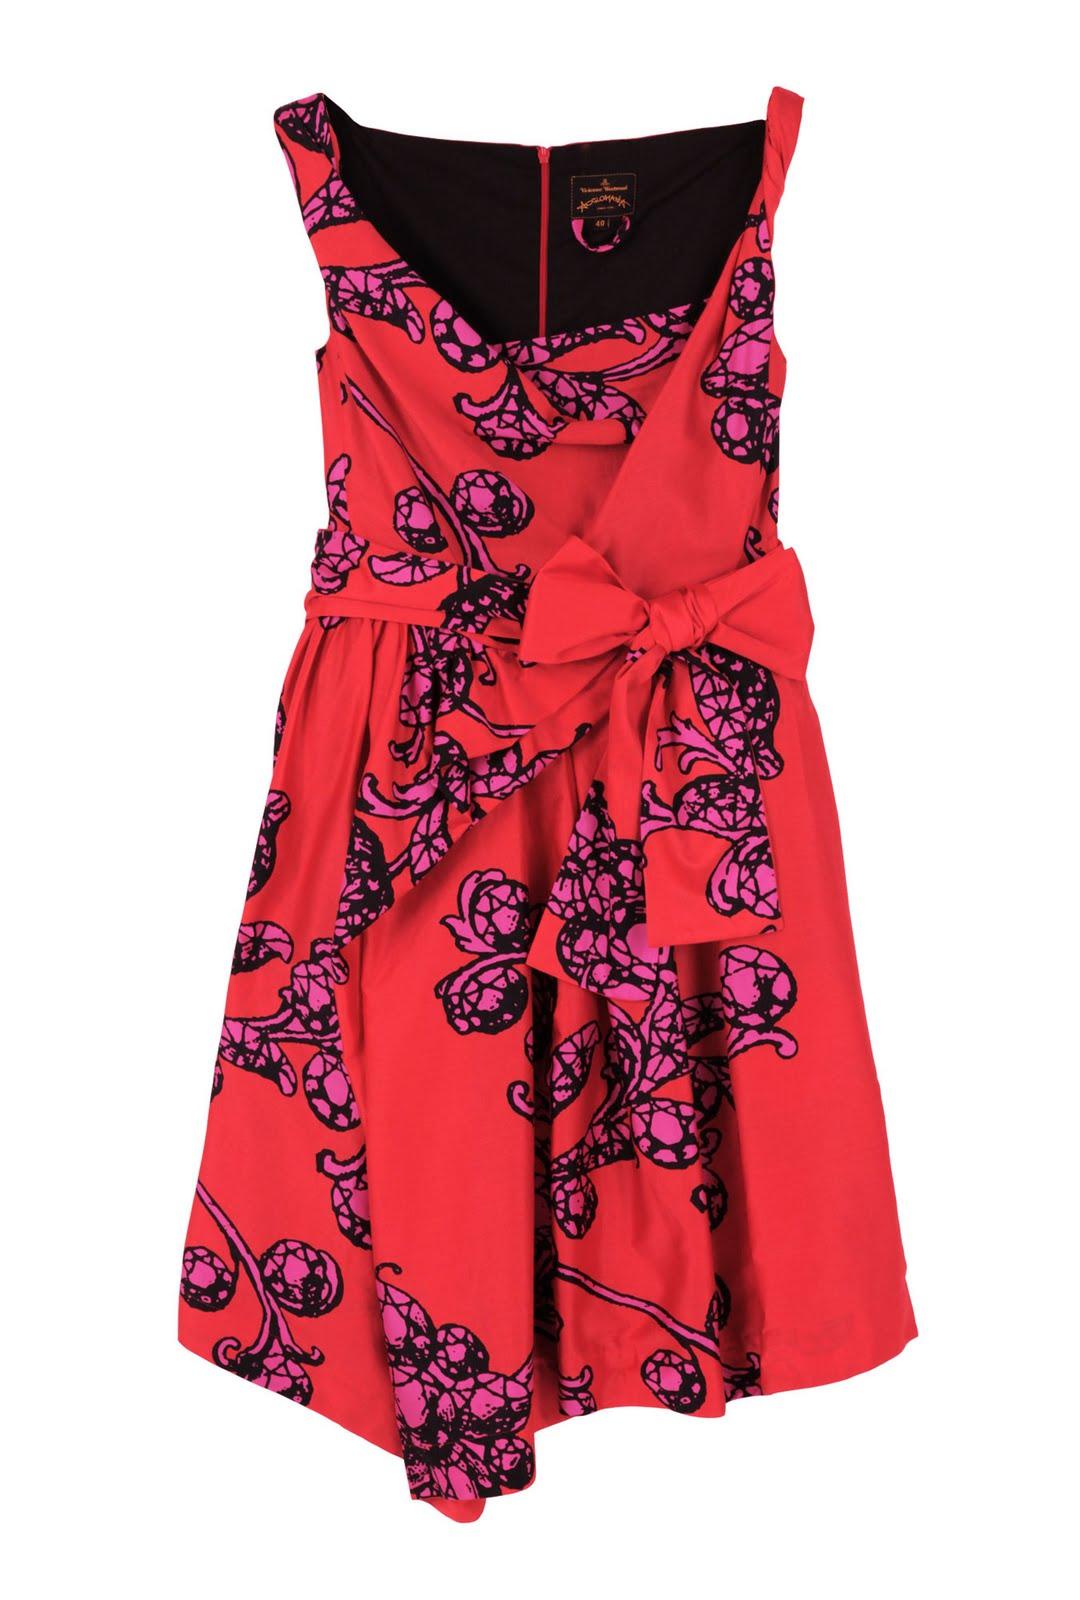 http://4.bp.blogspot.com/_StfQ_dy7LhQ/TCIer7iQJ3I/AAAAAAAAHOU/9hP_Z6THT8A/s1600/Vivienne+Westwood+Anglomania+Friday+Paper+Jewellery+Dress.jpg